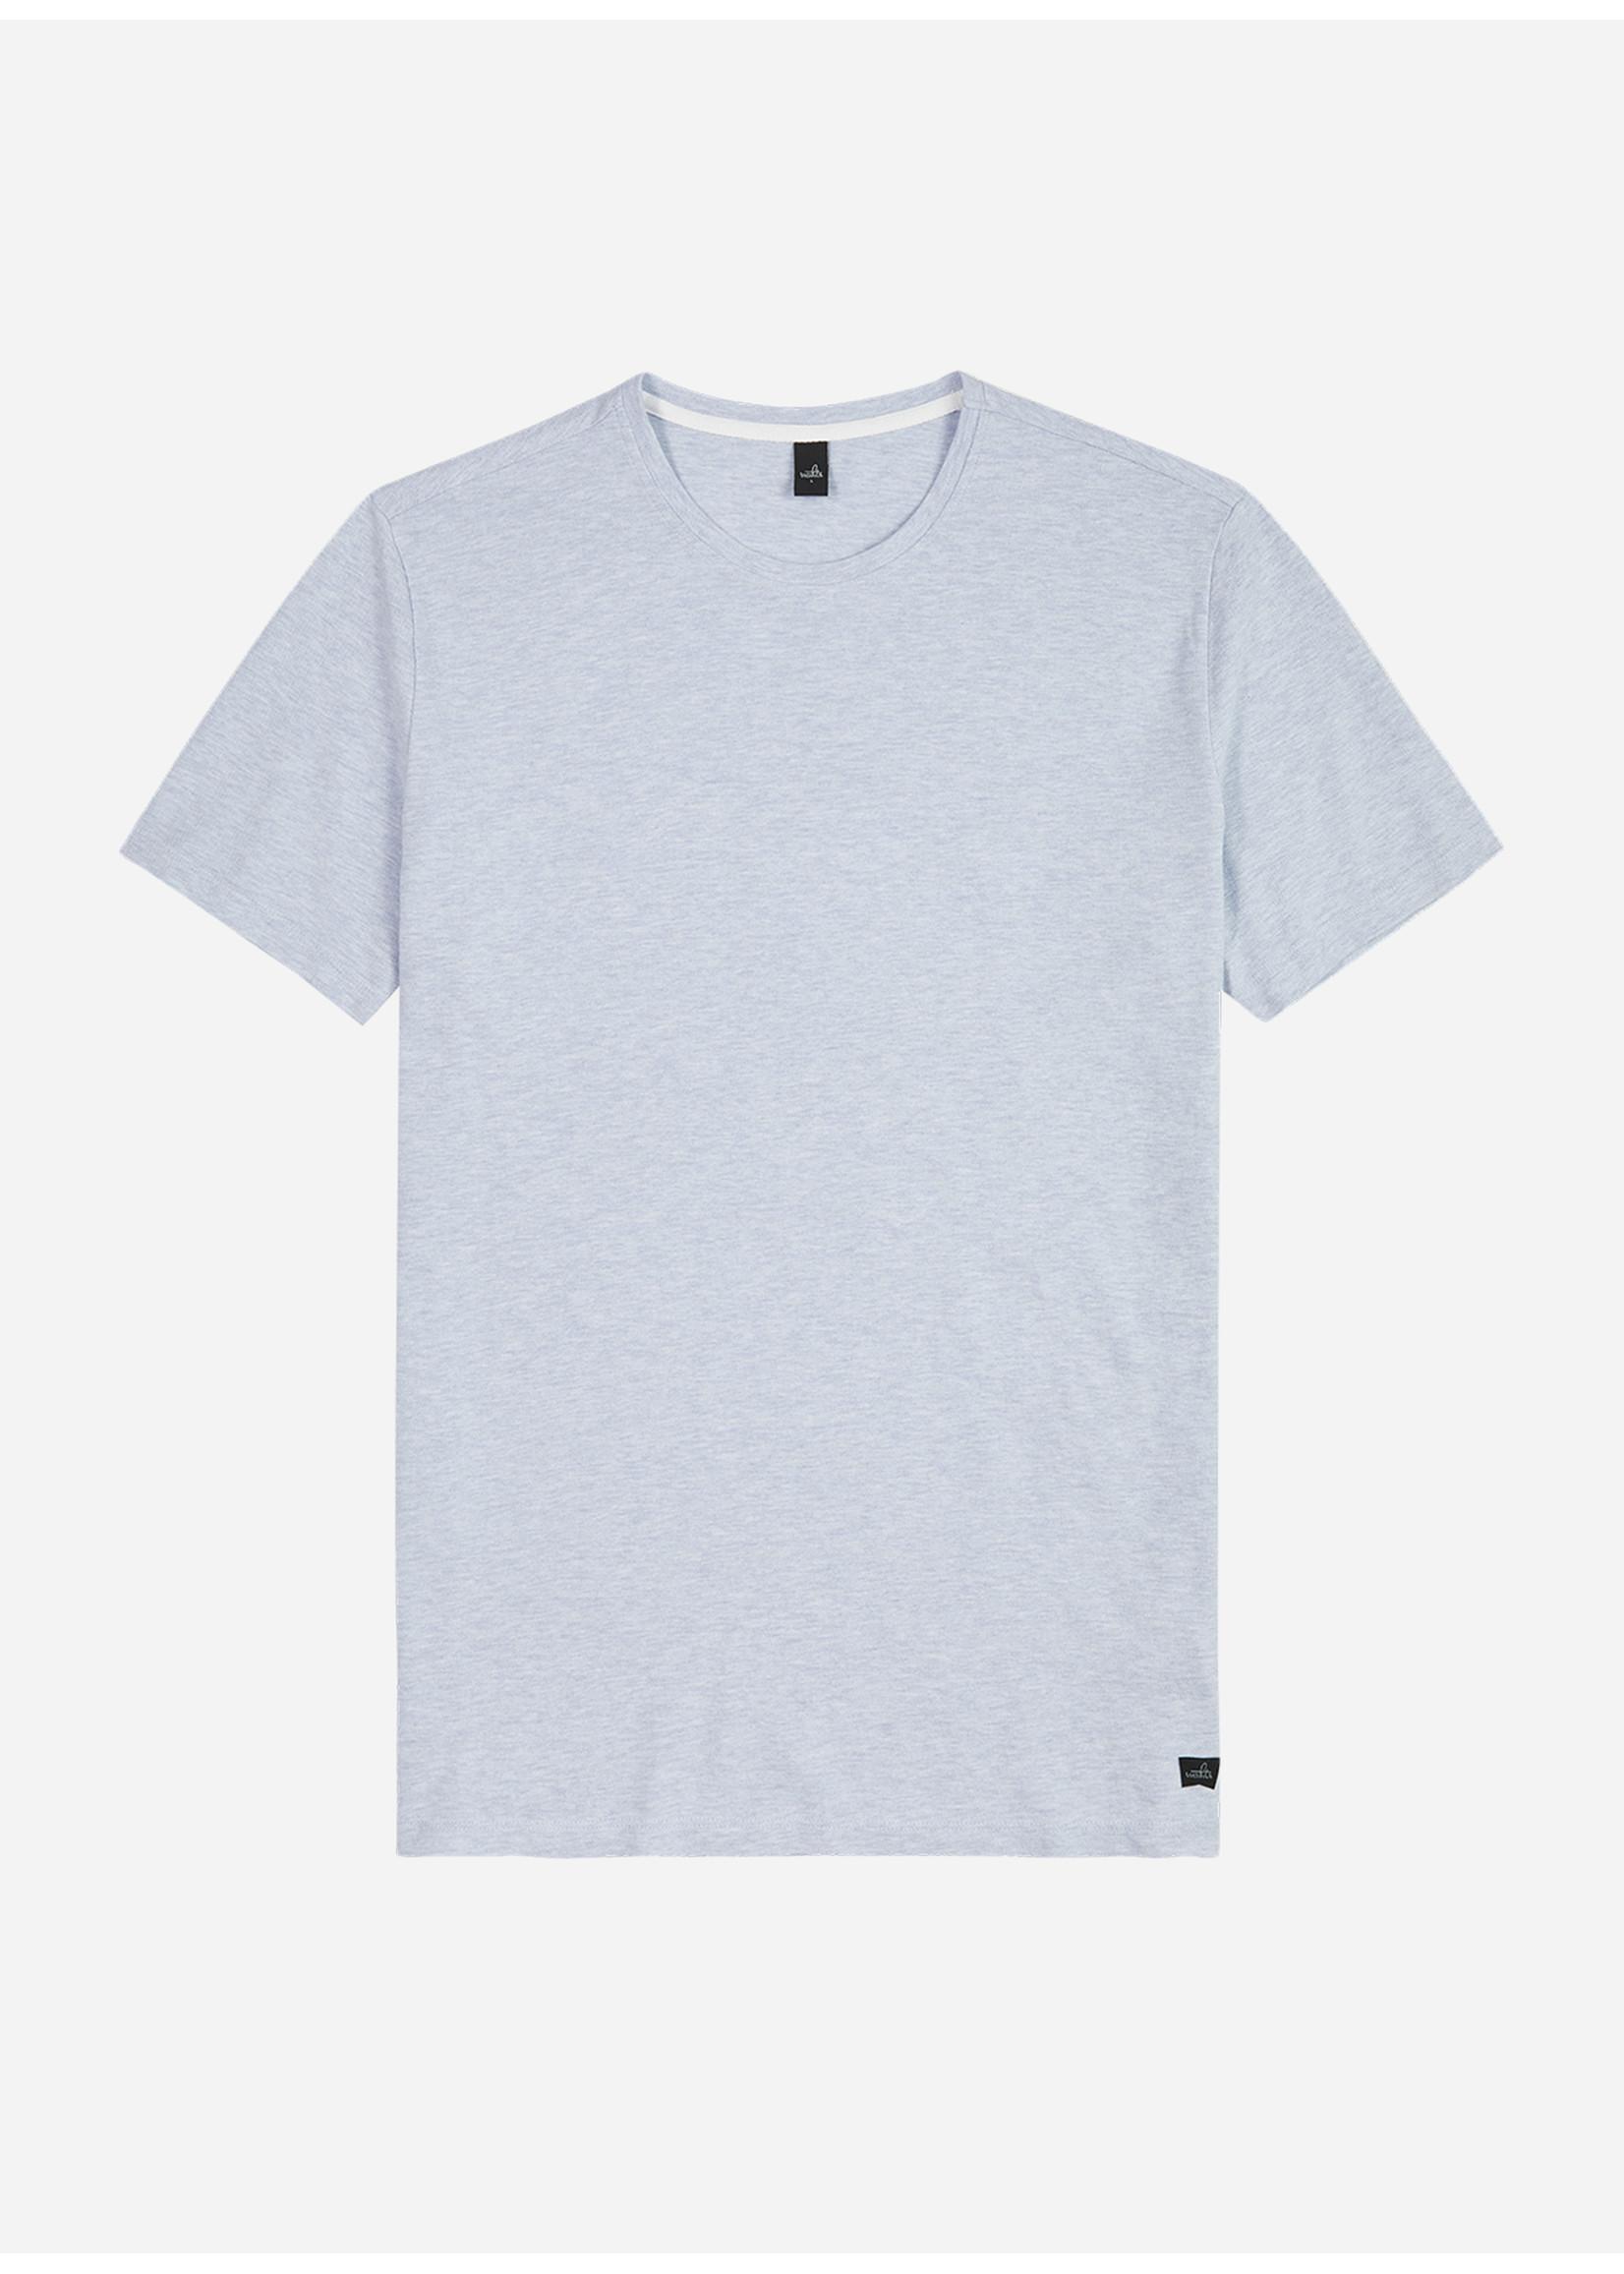 Wahts Dean piqué crew neck t-shirt light blue melange